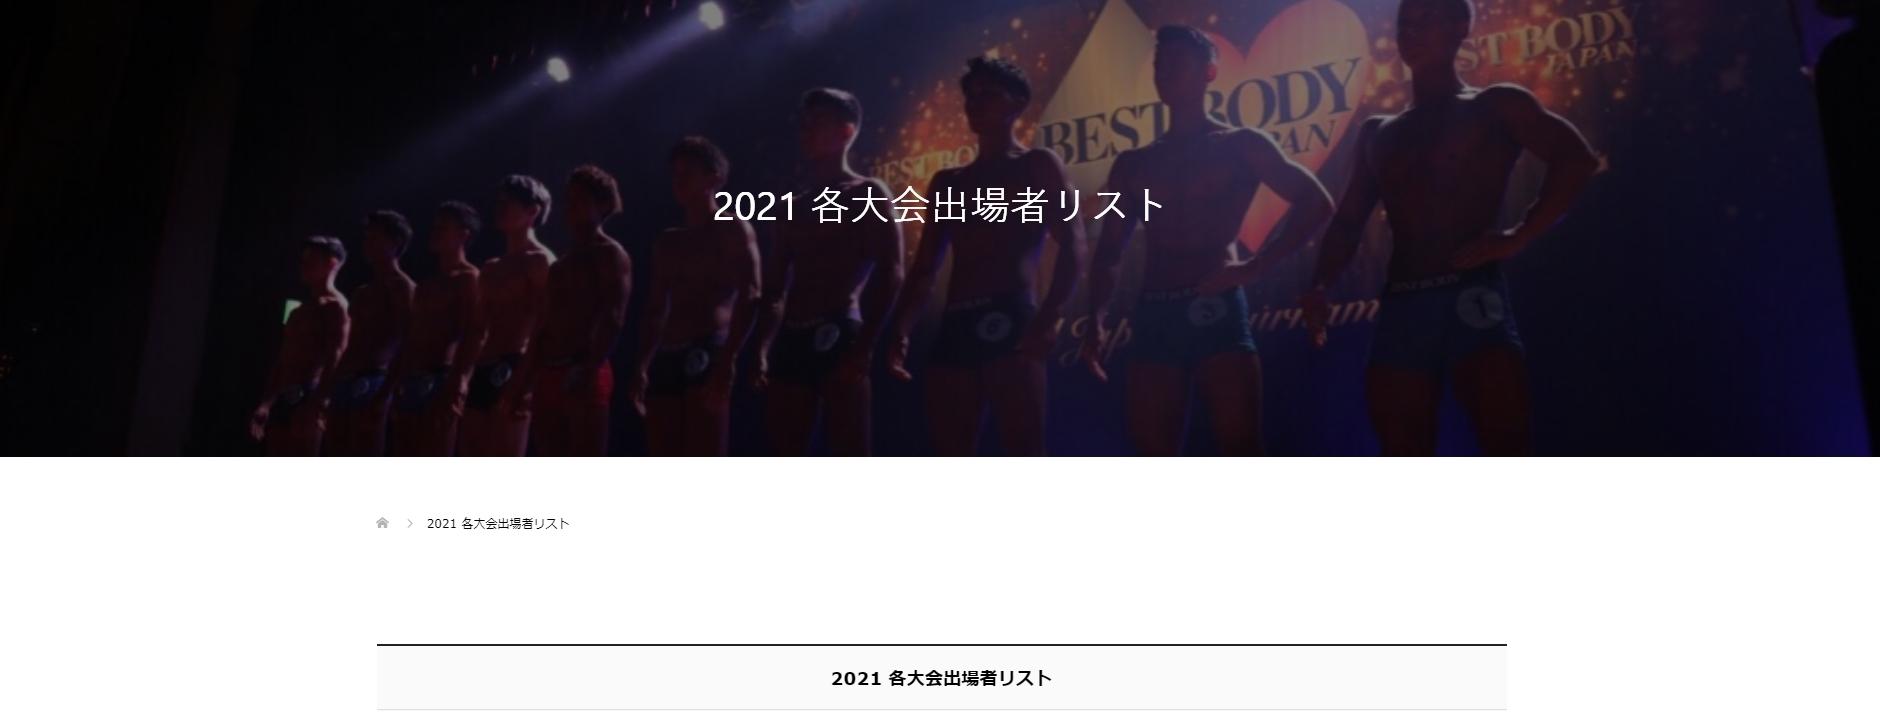 2021各大会出場者リスト